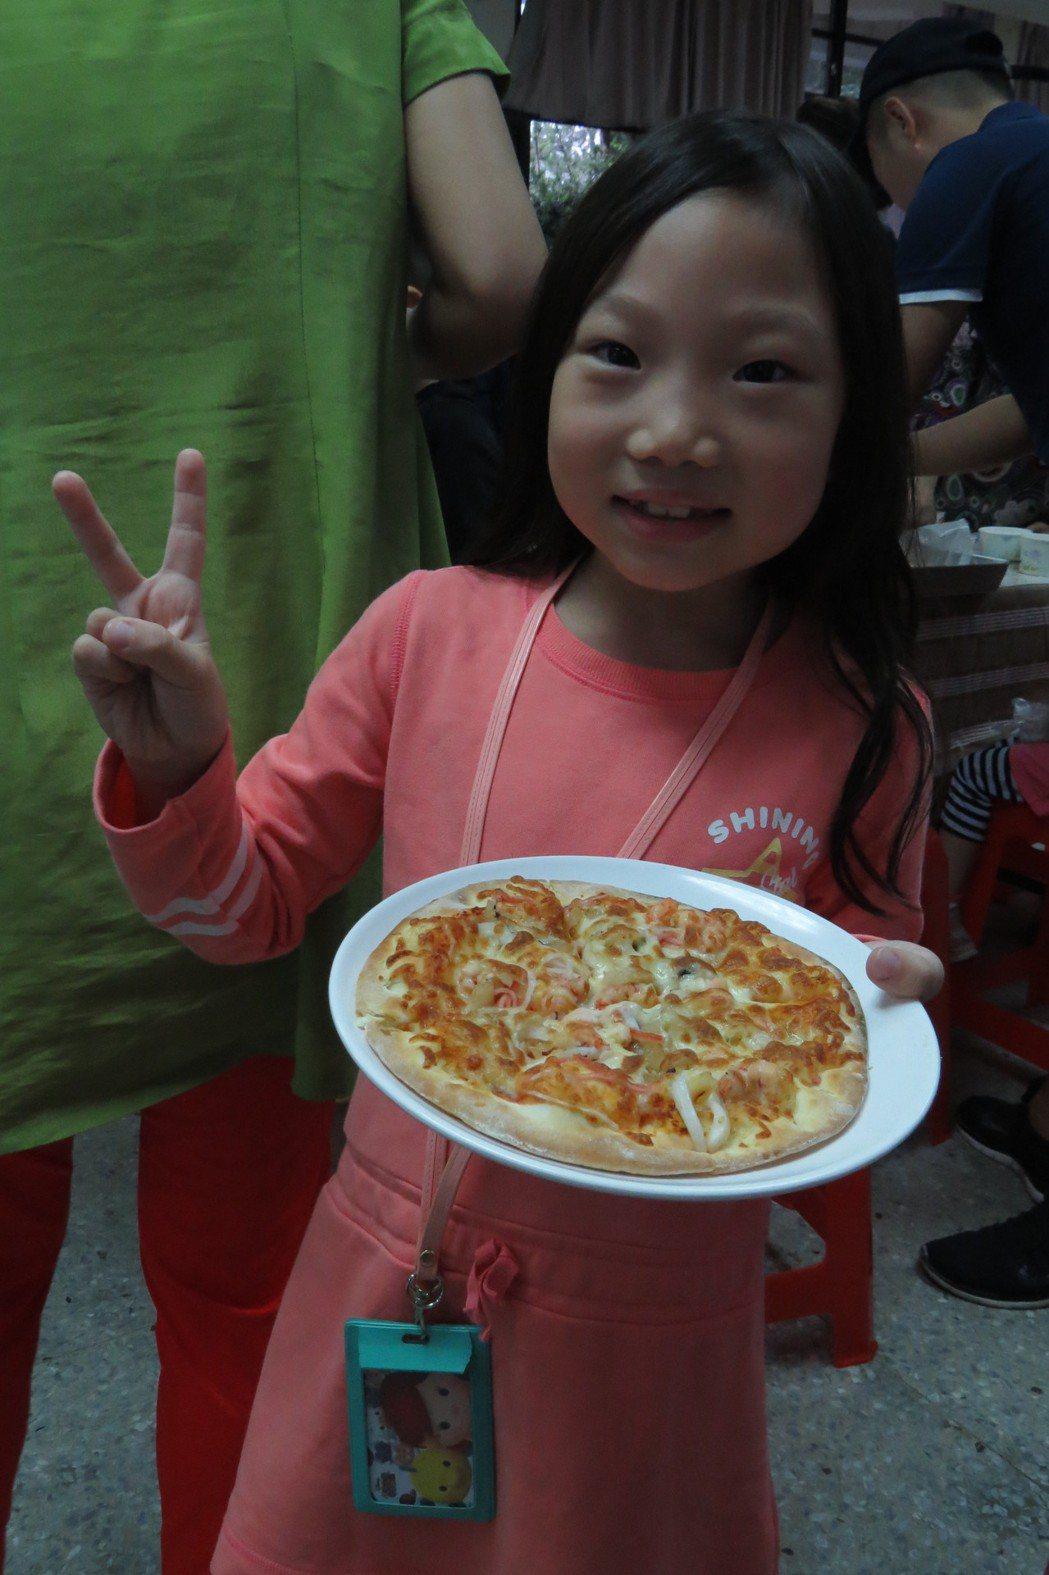 小朋友自己做披薩自己吃,都玩得很高興。記者游明煌/攝影